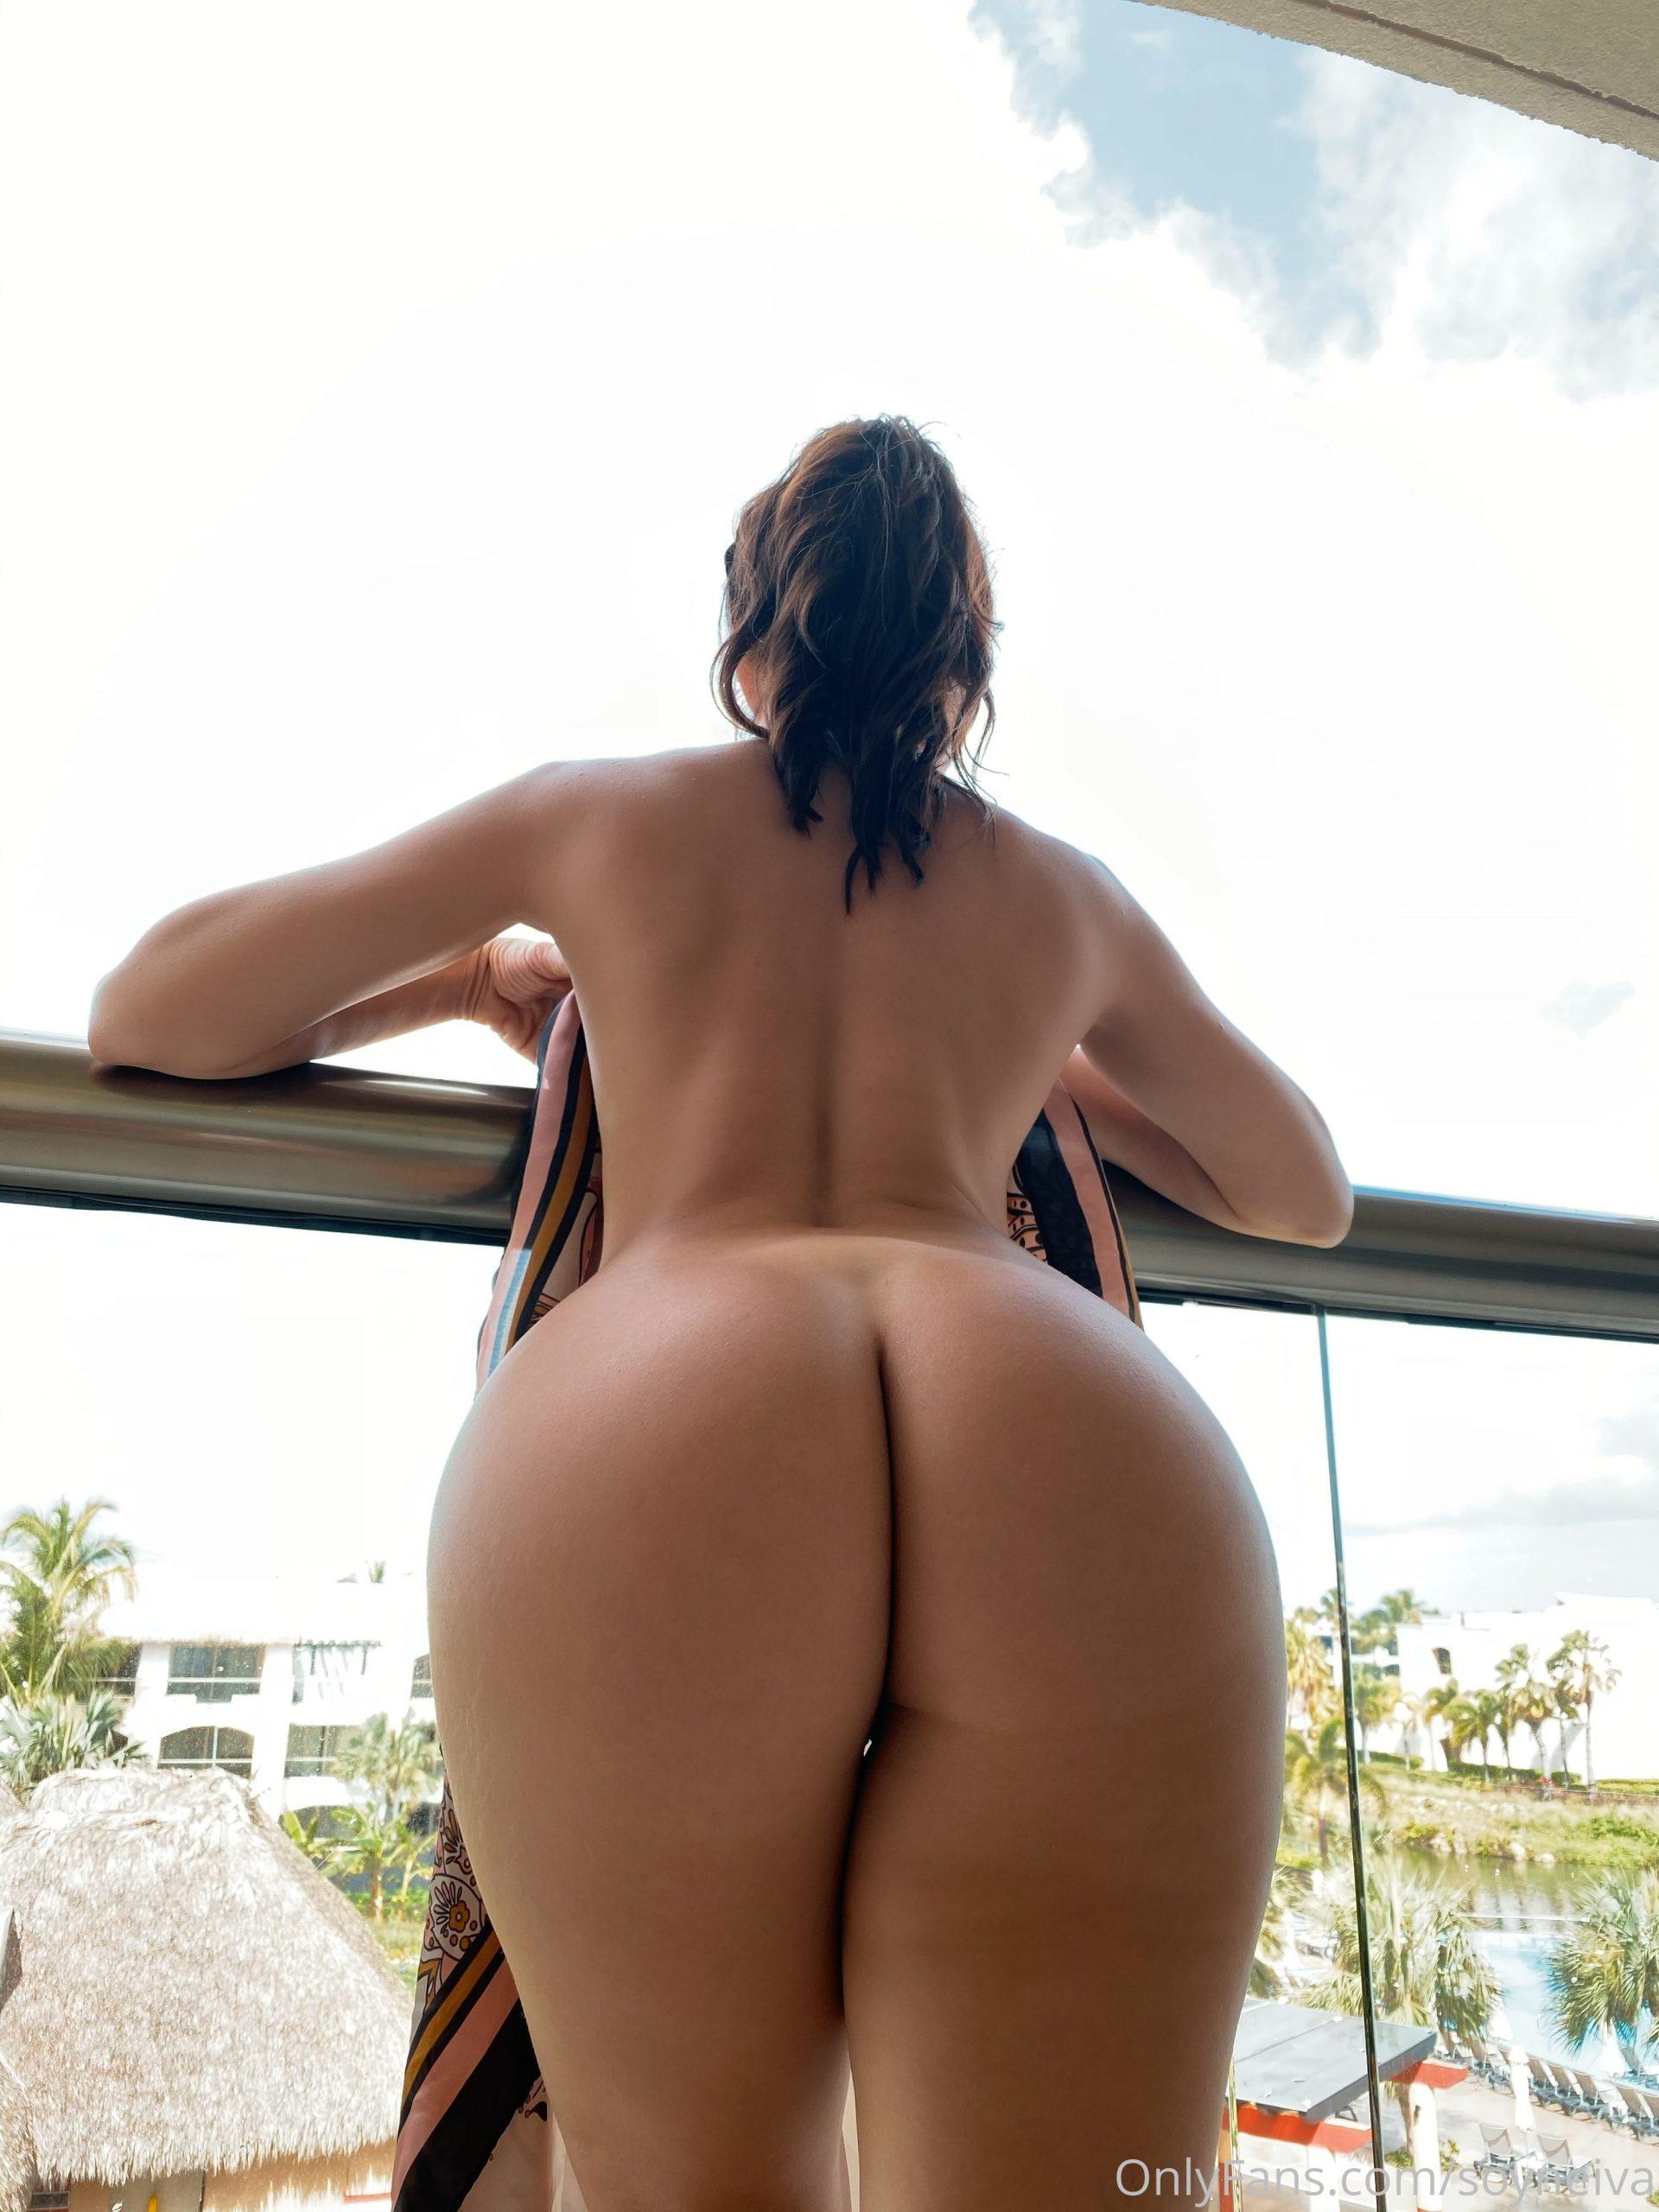 Neiva Mara, Soyneiva, Onlyfans Nudes Leaks 0035